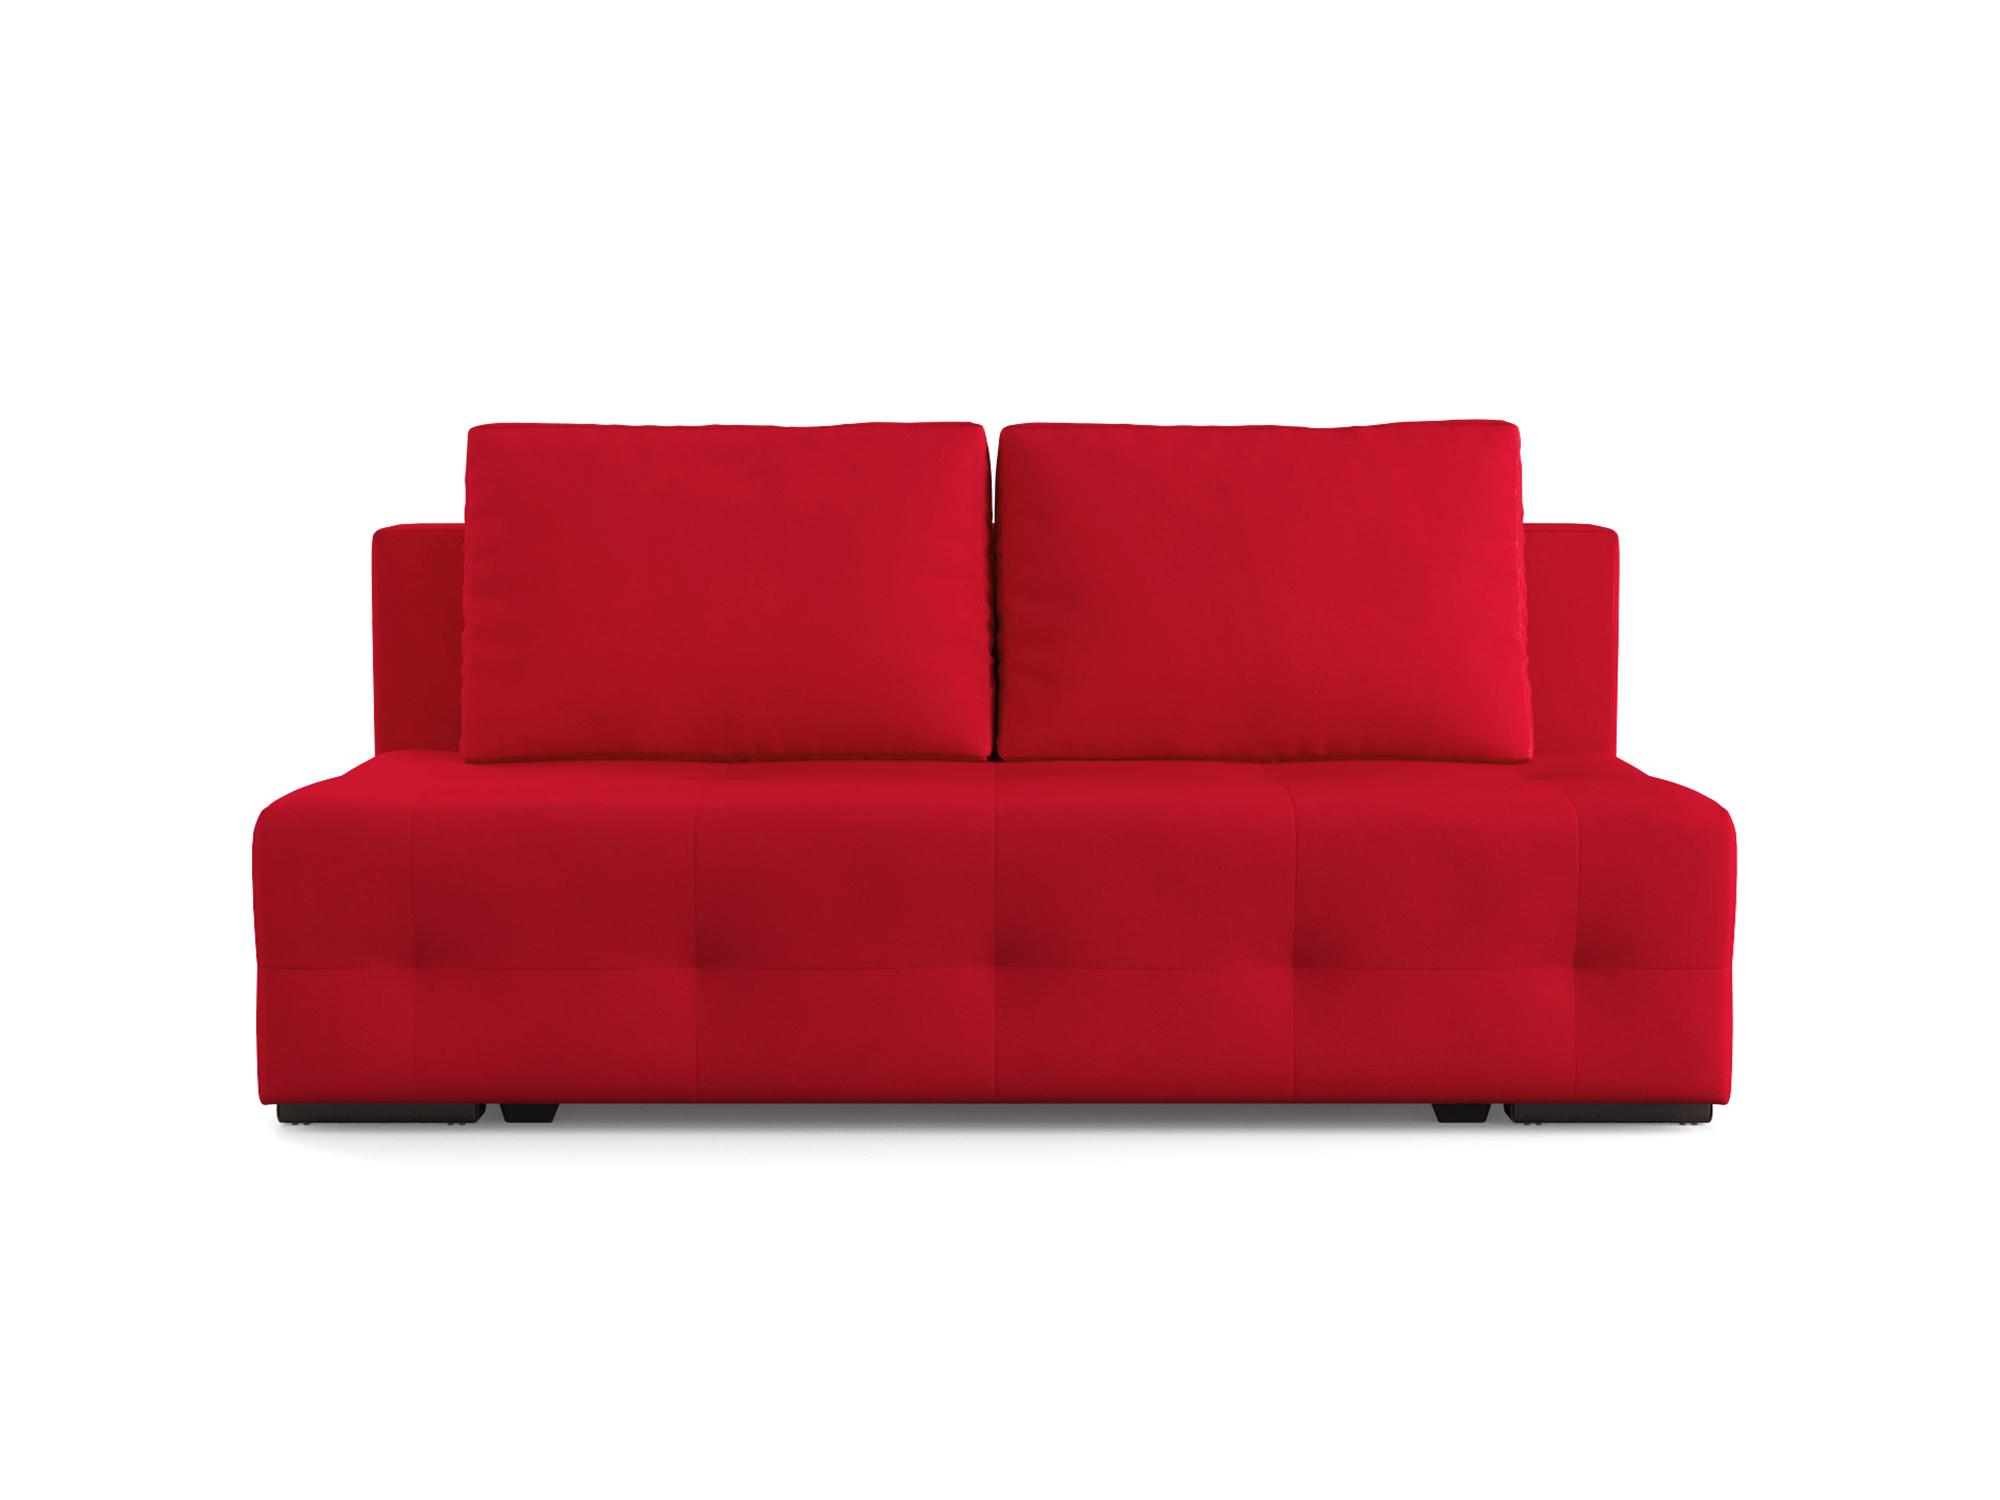 Фото - Диван Марсель 1 MebelVia Красный, Микровелюр, Брус сосны диван мальтида mebelvia красный микровелюр брус сосны